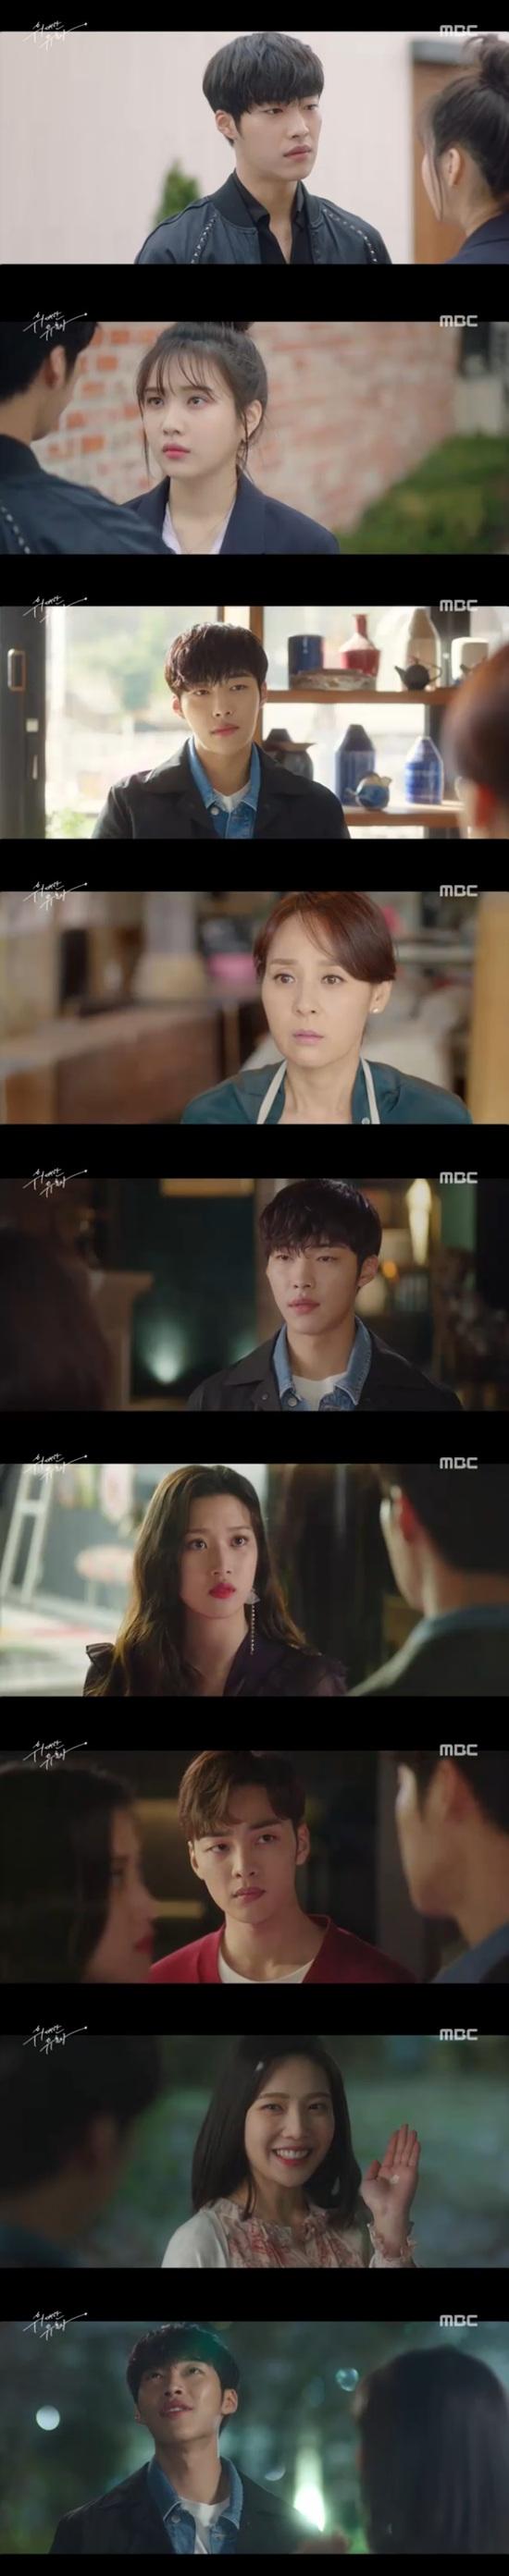 [종합] '위대한 유혹자' 우도환♥조이, 이별위기 딛고 '애틋 로맨스'